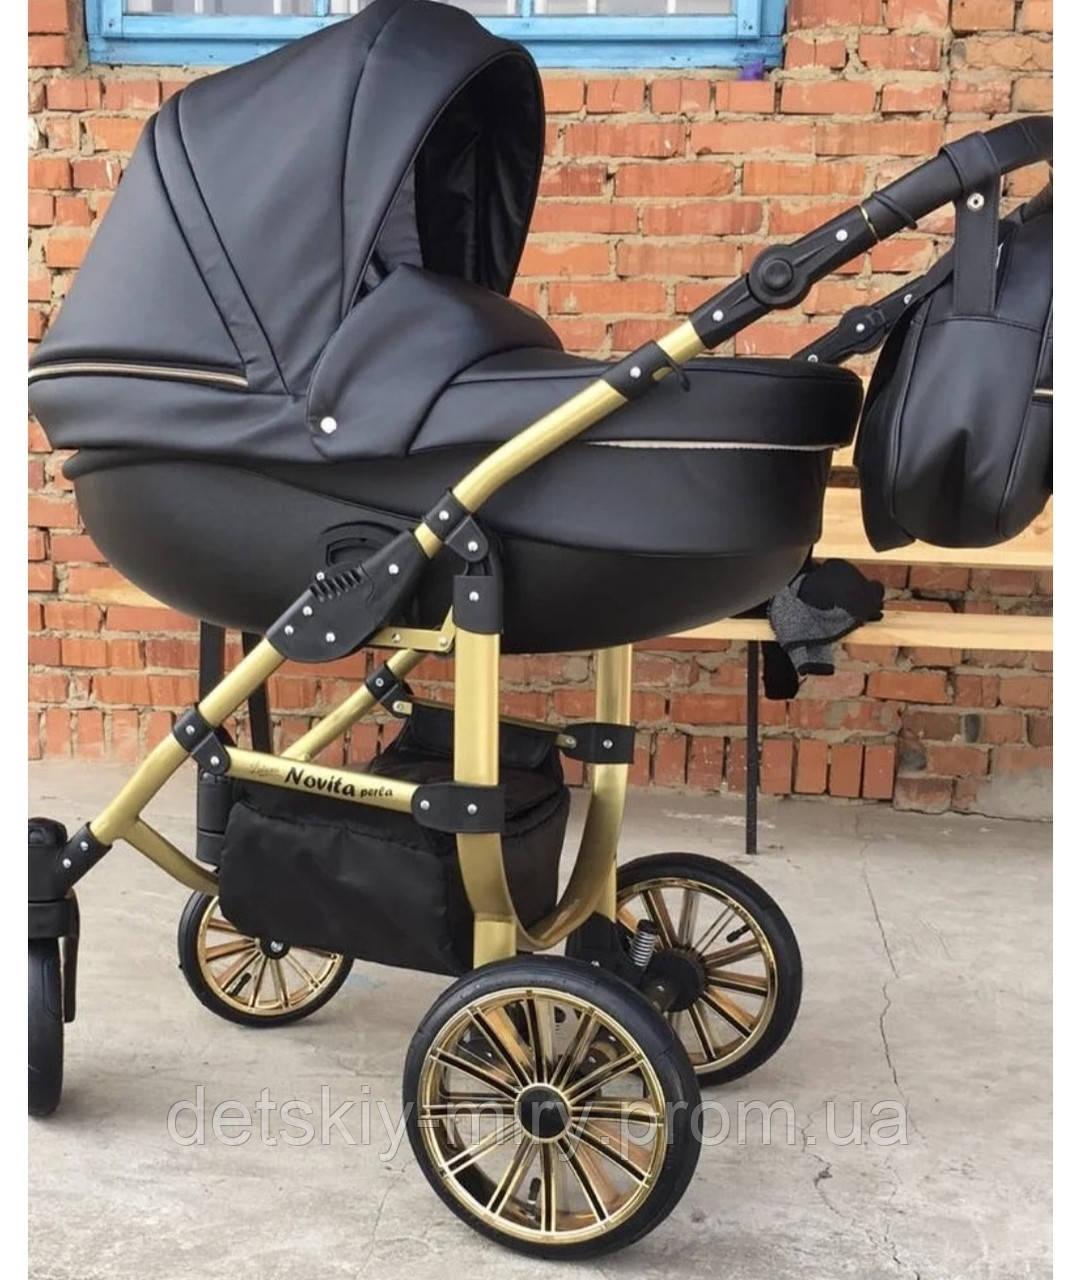 Детская универсальная коляска 2 в 1 Novita Perla - фото 4